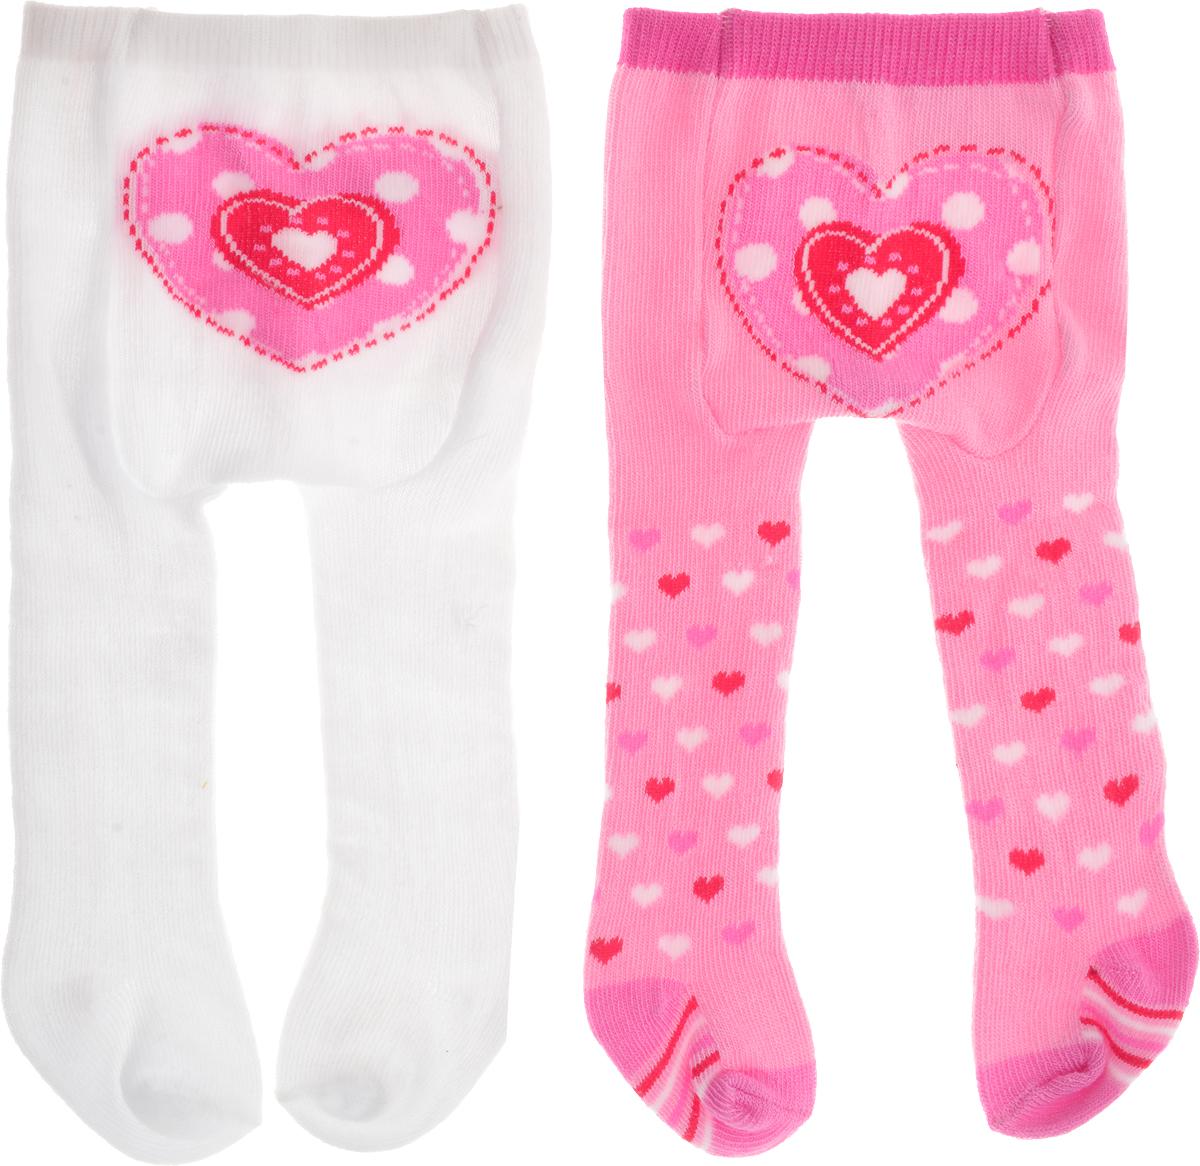 Baby Born Одежда для кукол Колготки цвет белый розовый 2 шт куклы и одежда для кукол весна озвученная кукла саша 1 42 см